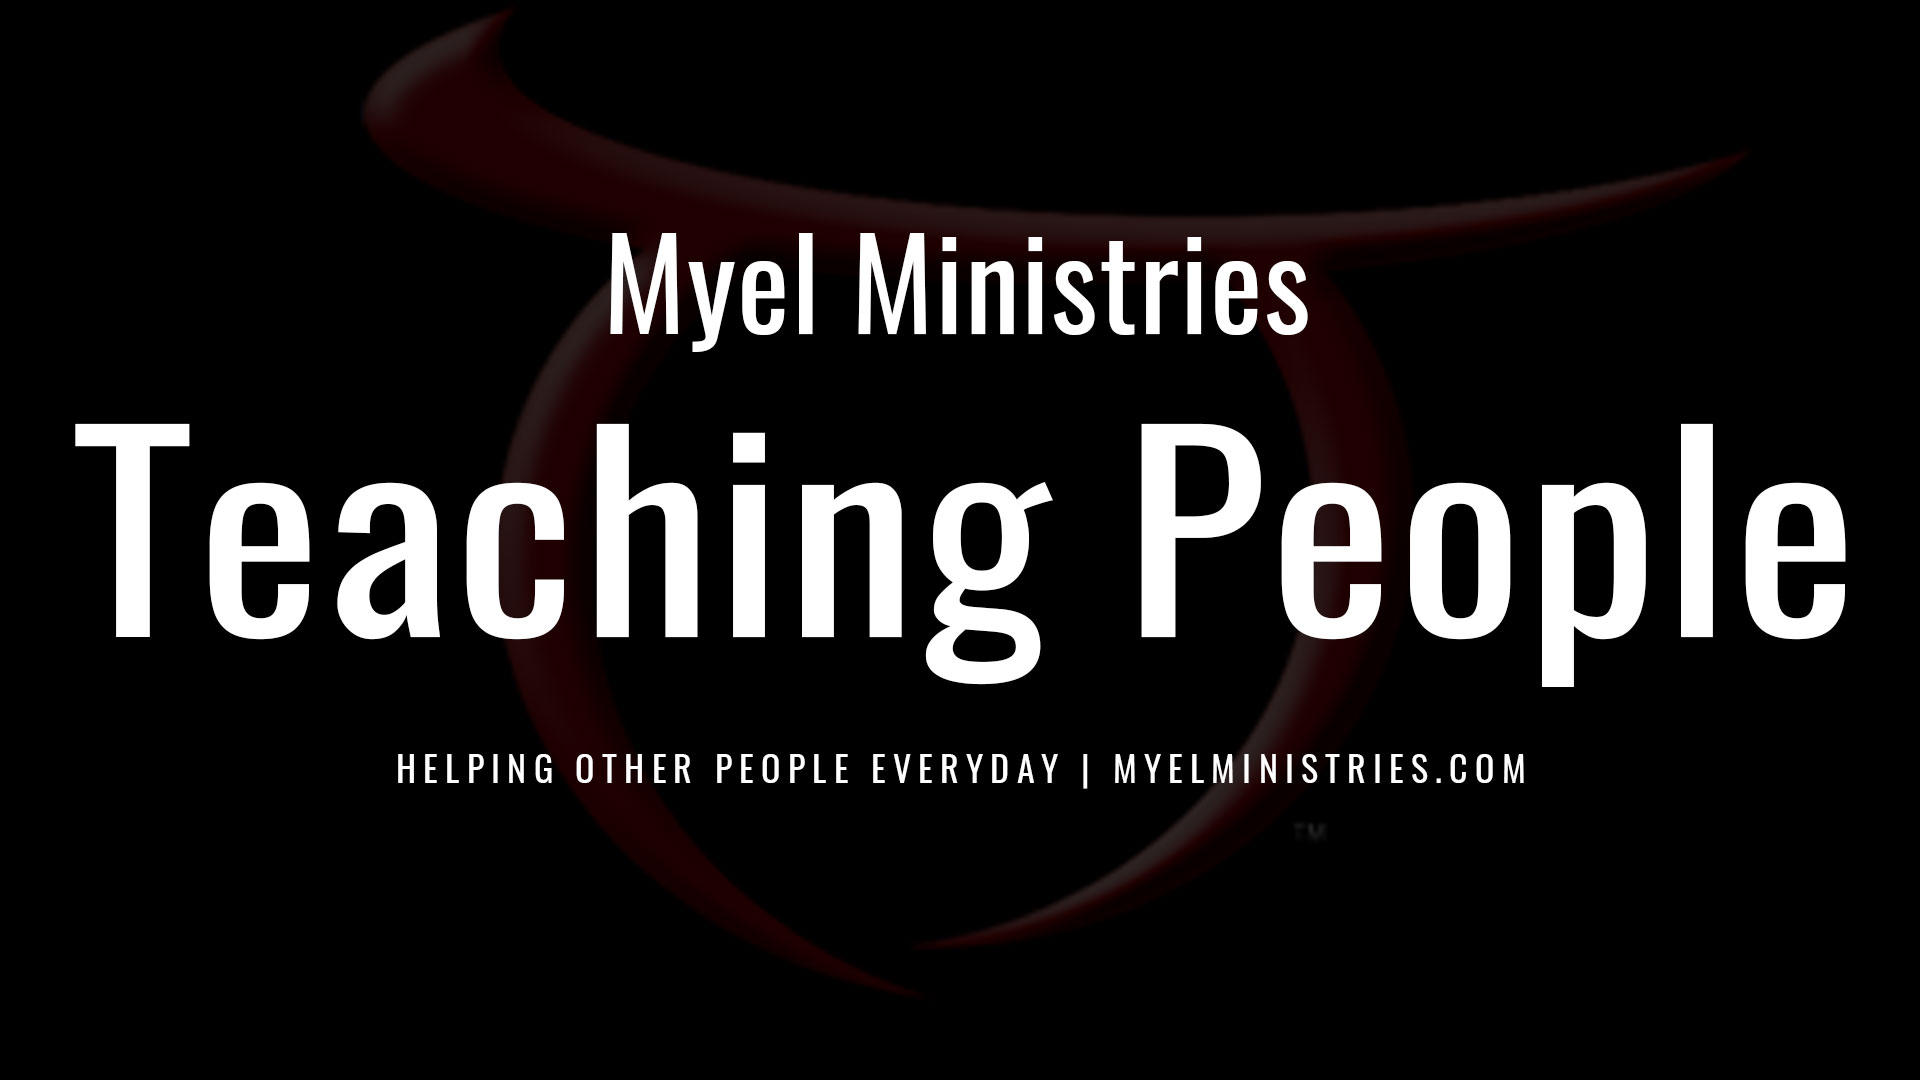 Teaching People in Christ